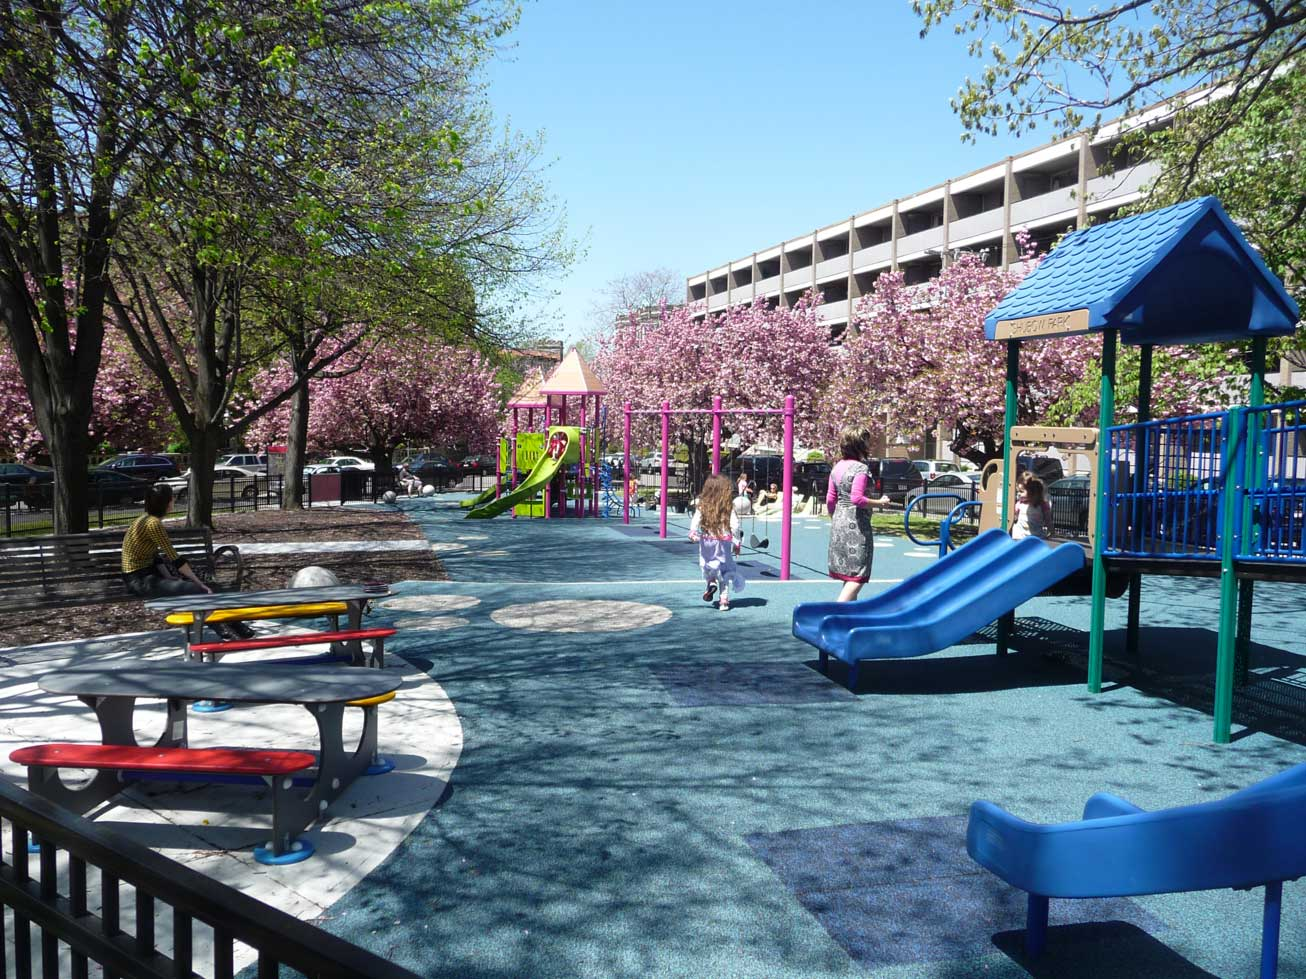 Shubow Park